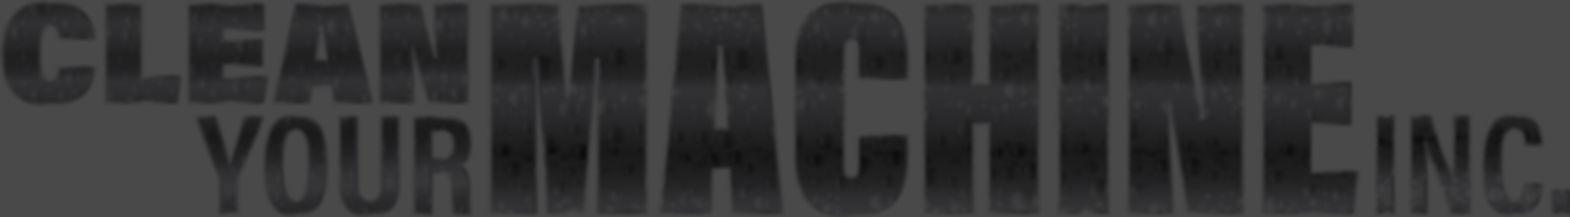 Logo_CYM_2_edited.jpg